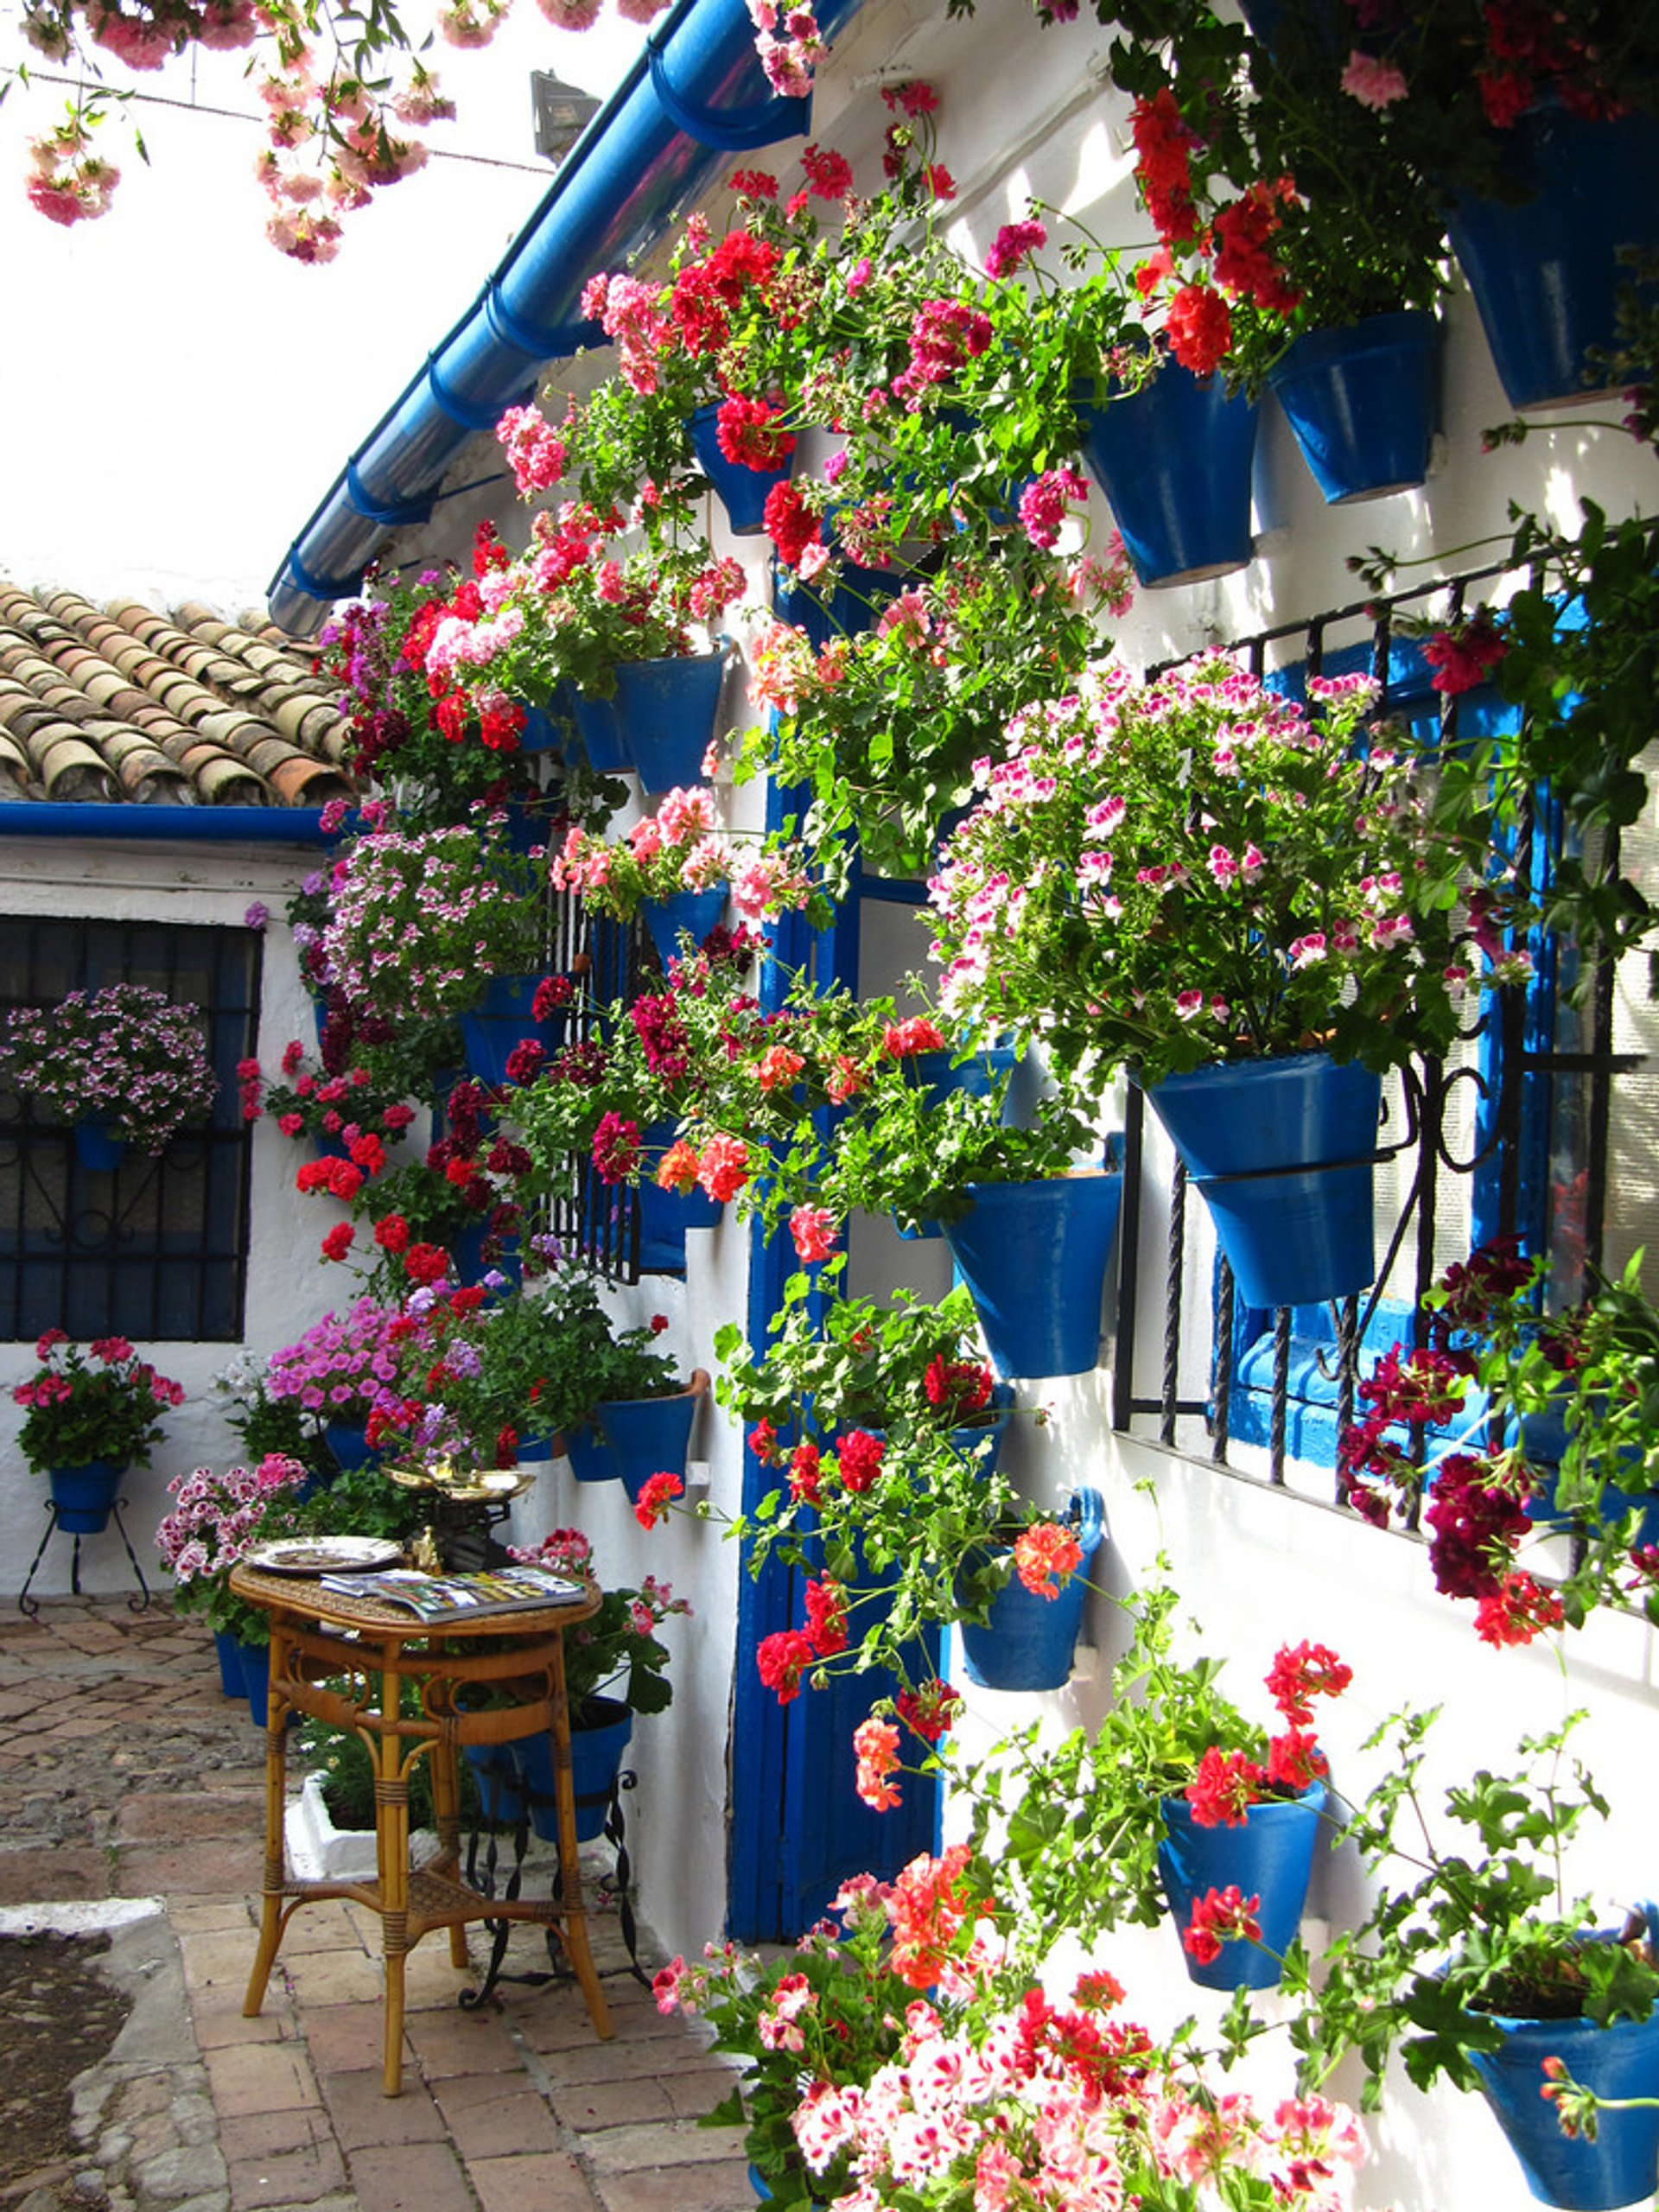 Córdoba Patios Festival in Spain - Best Season